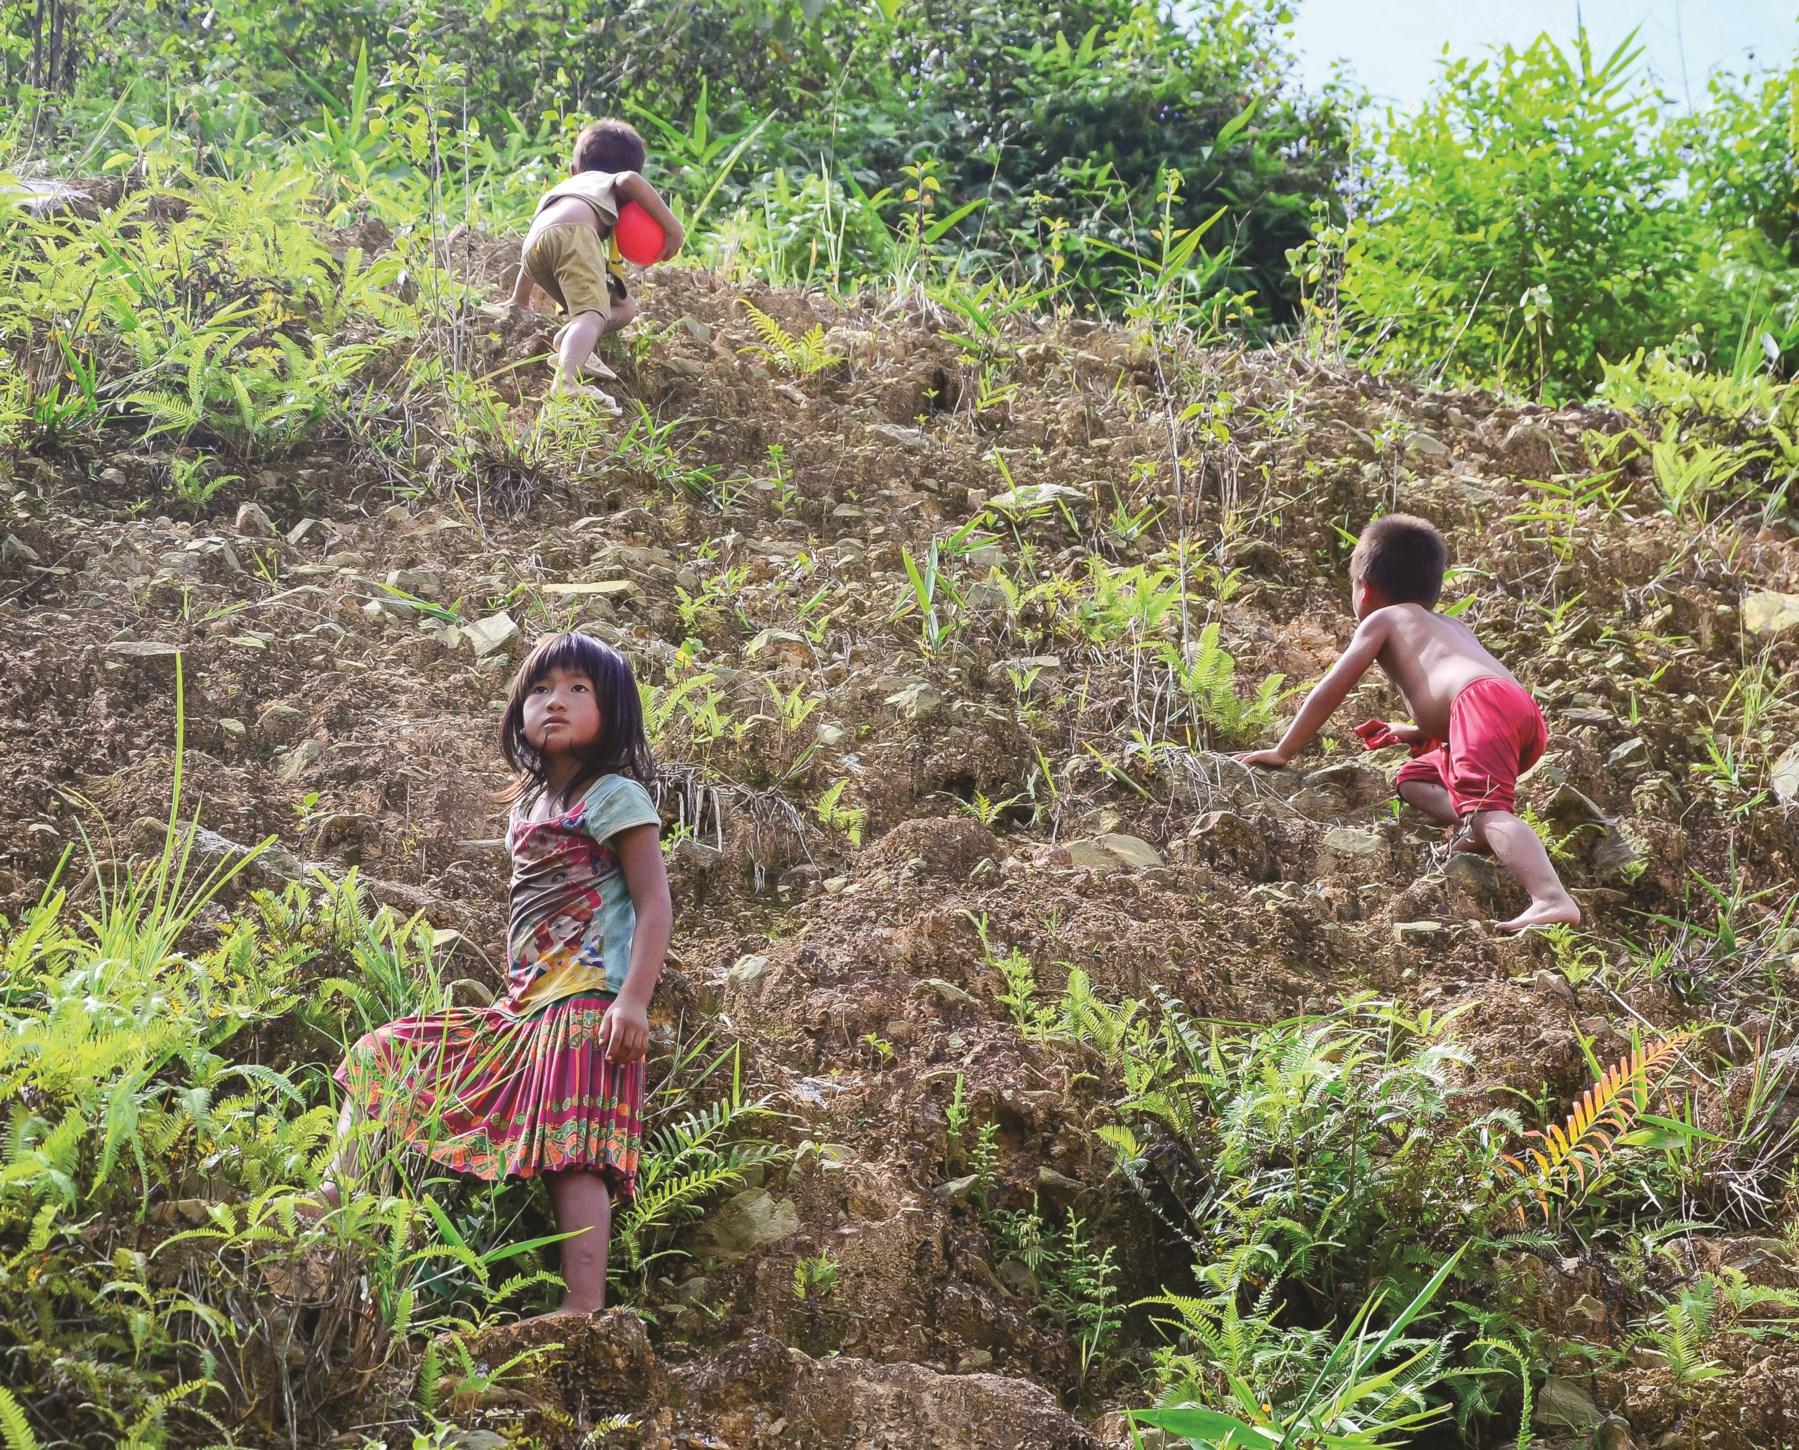 Tình trạng trẻ dưới 5 tuổi tử vong tại Điện Biên Đông đang ở mức đáng báo động.